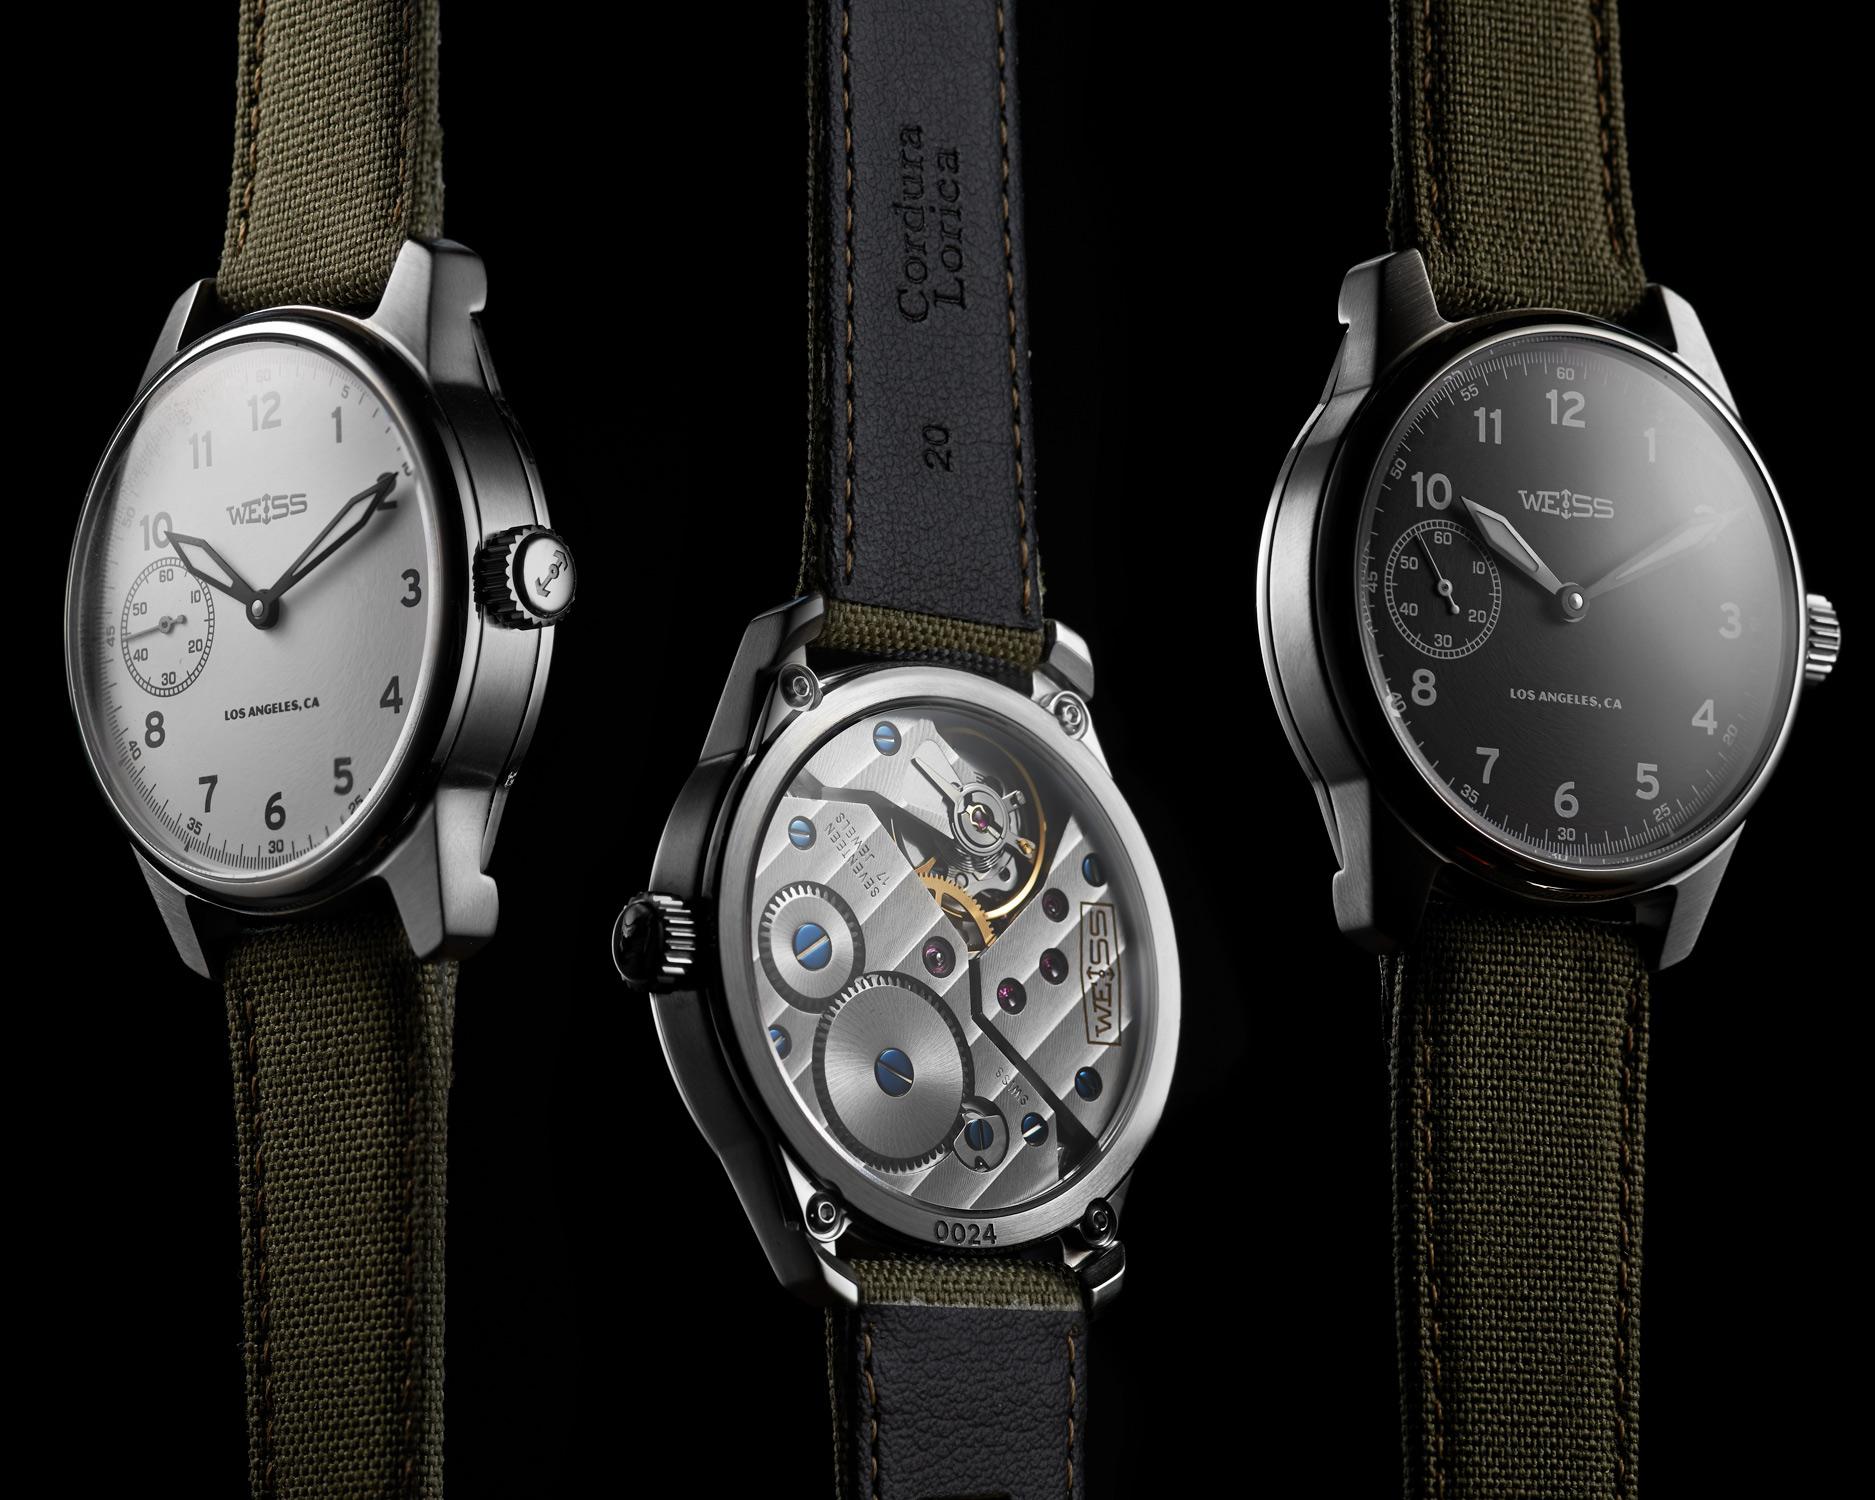 watches-v2.jpg